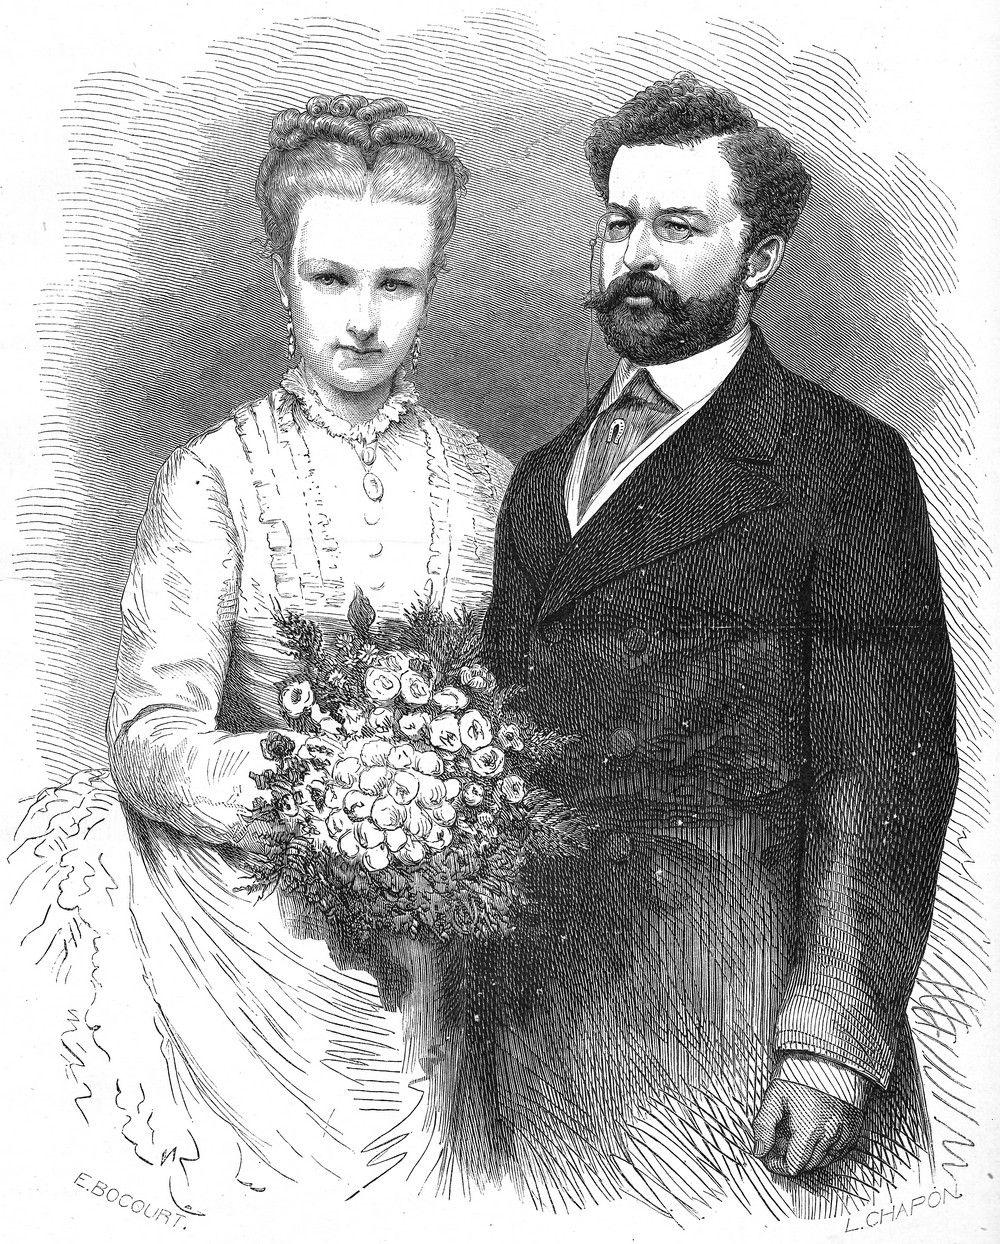 Niedobrane małżeństwo Luizy i Filipa źle się zaczęło, a potem było jeszcze gorzej. Akwaforta na podstawie zdjęcie ślubnego z 1875 roku (projekt: Etienne Bocourt, wykonanie: Léon-Louis Chapon, fotografia: Géruzet Frères; domena publiczna).